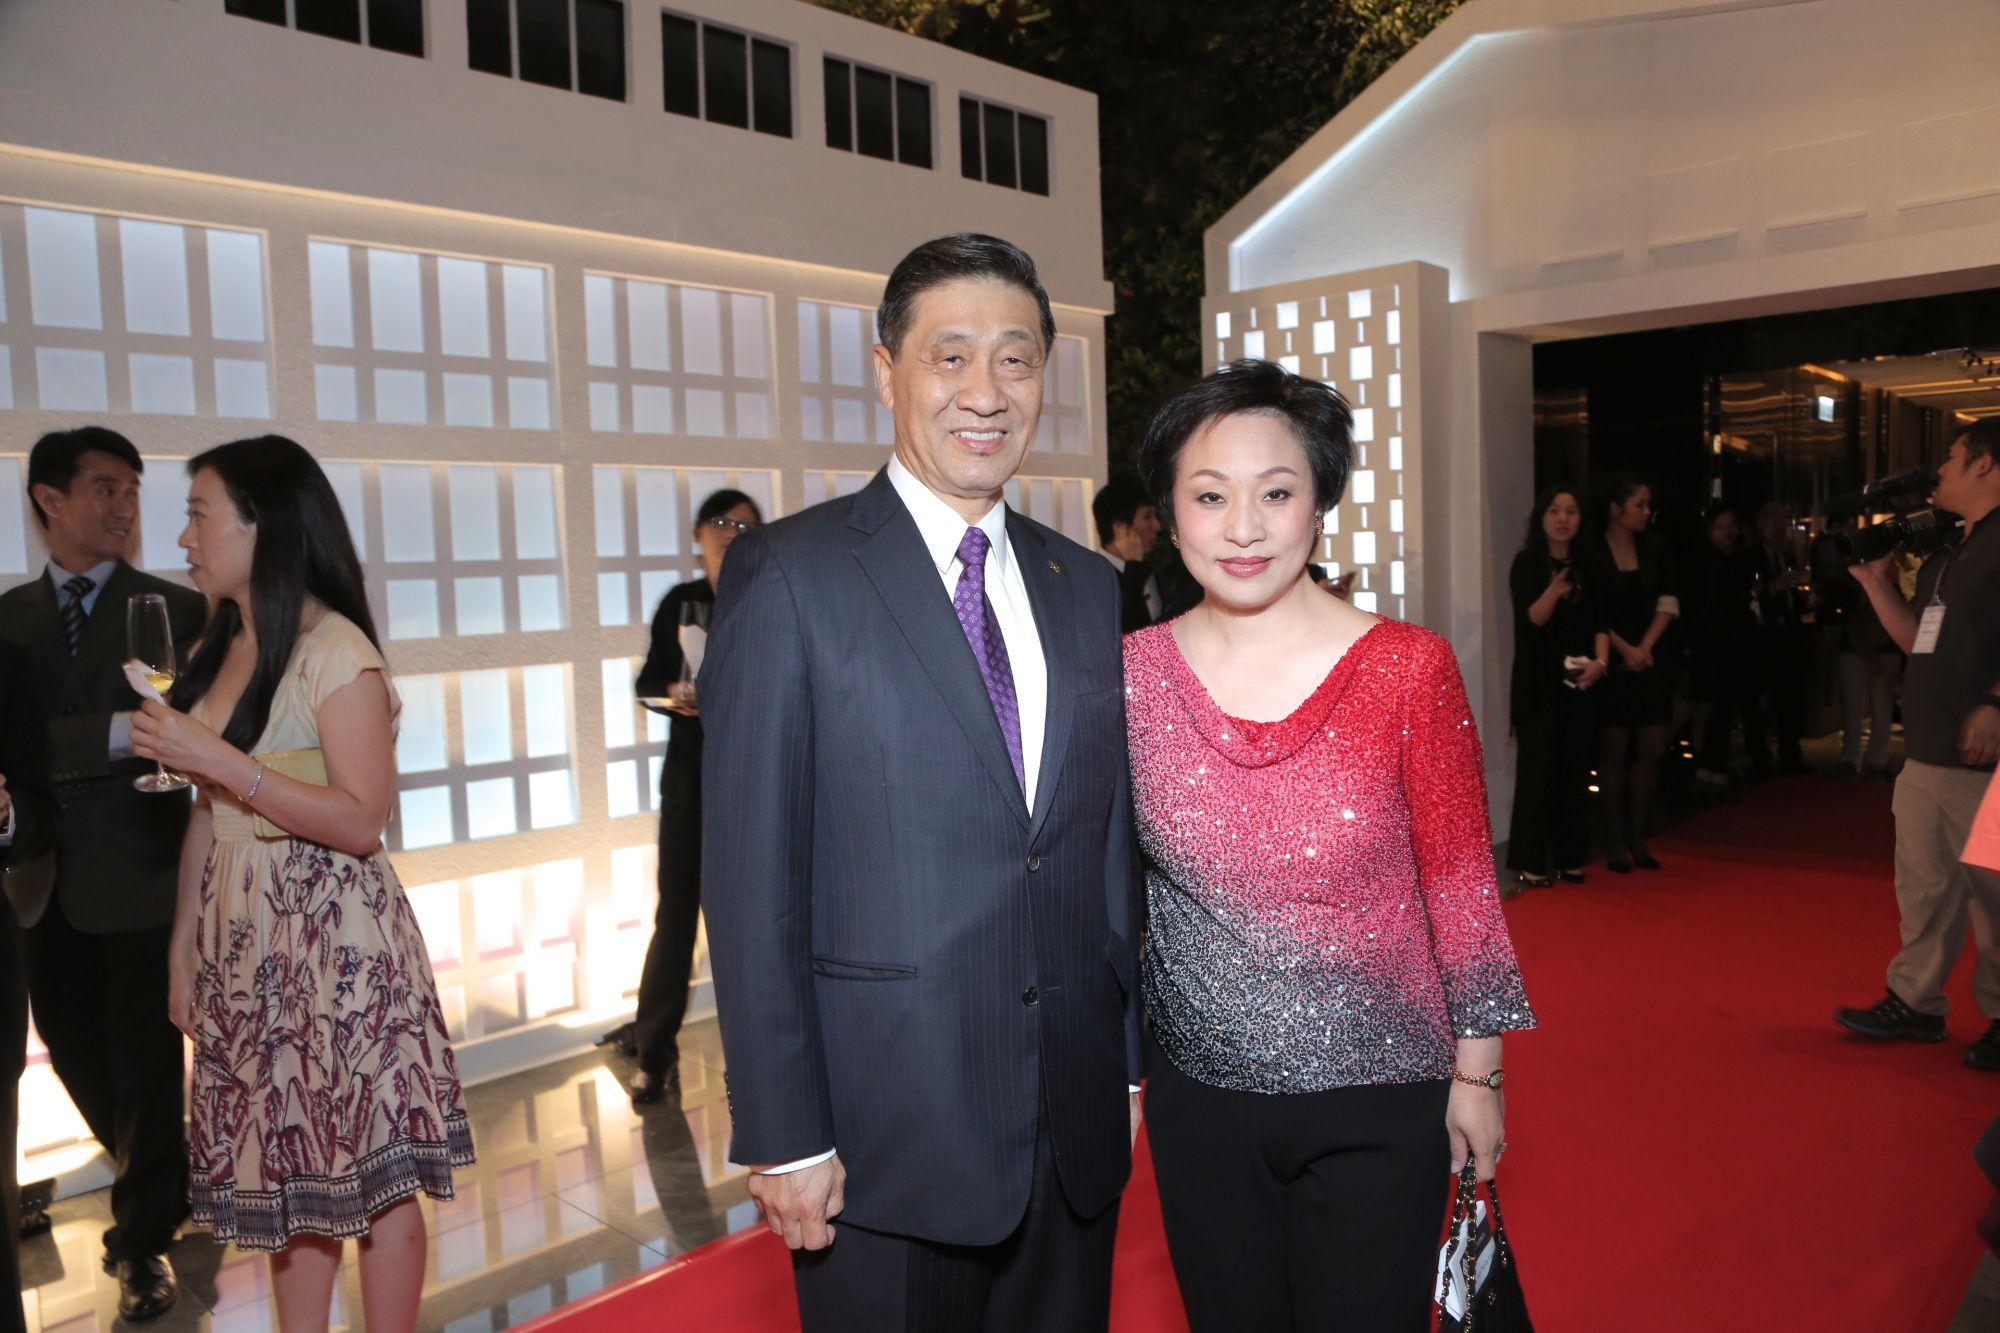 Patrick Poon and Nina Lam